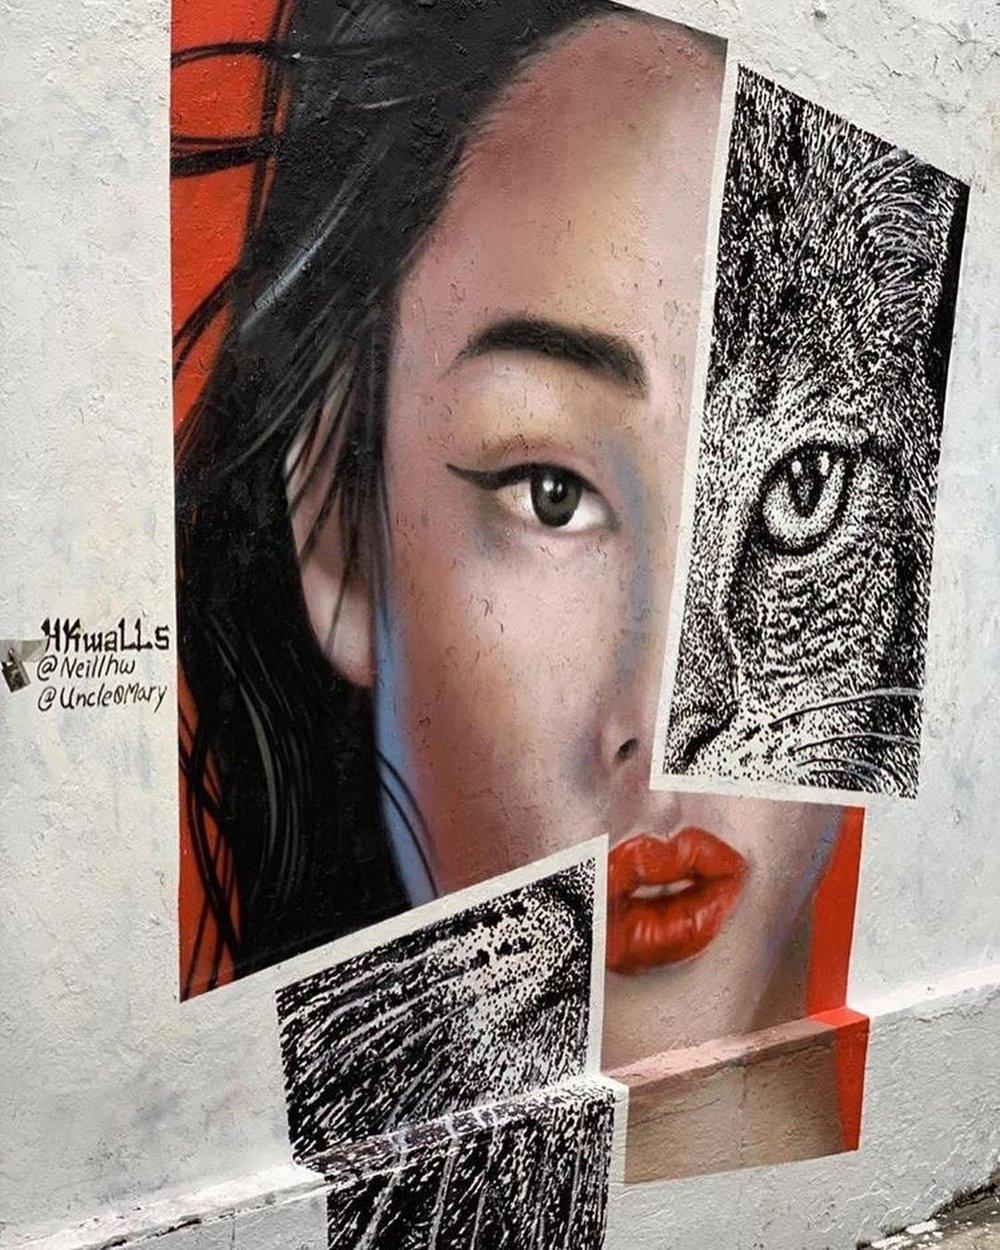 Mural - HKWALLS 2019